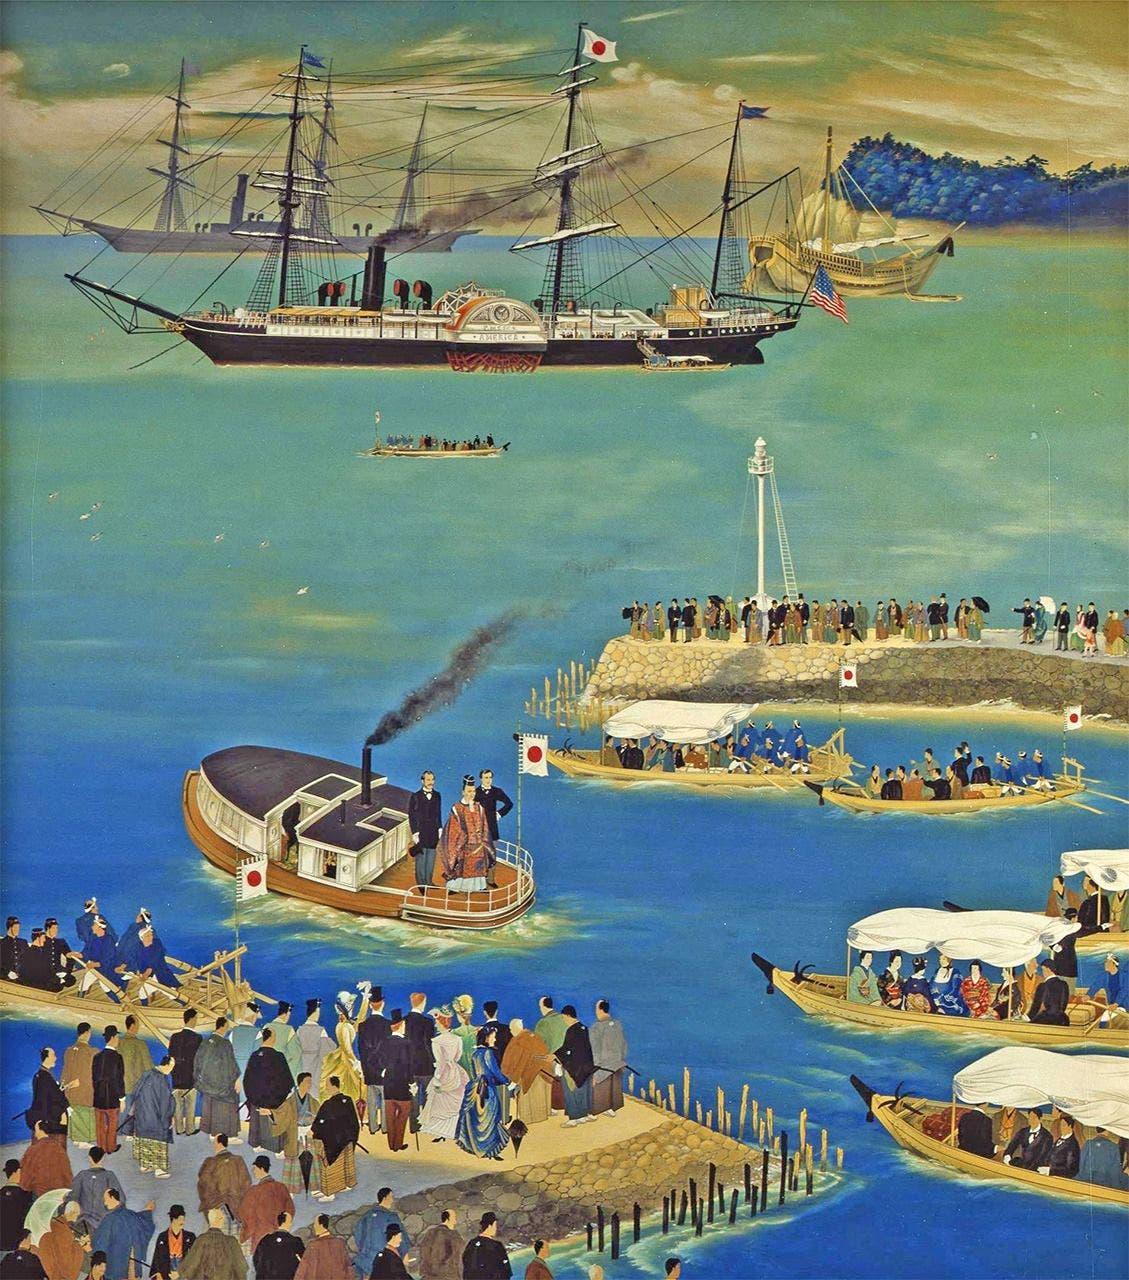 لوحة تخيلية تجسد انطلاق بعثة إيواكورا نحو أوروبا وأميركا